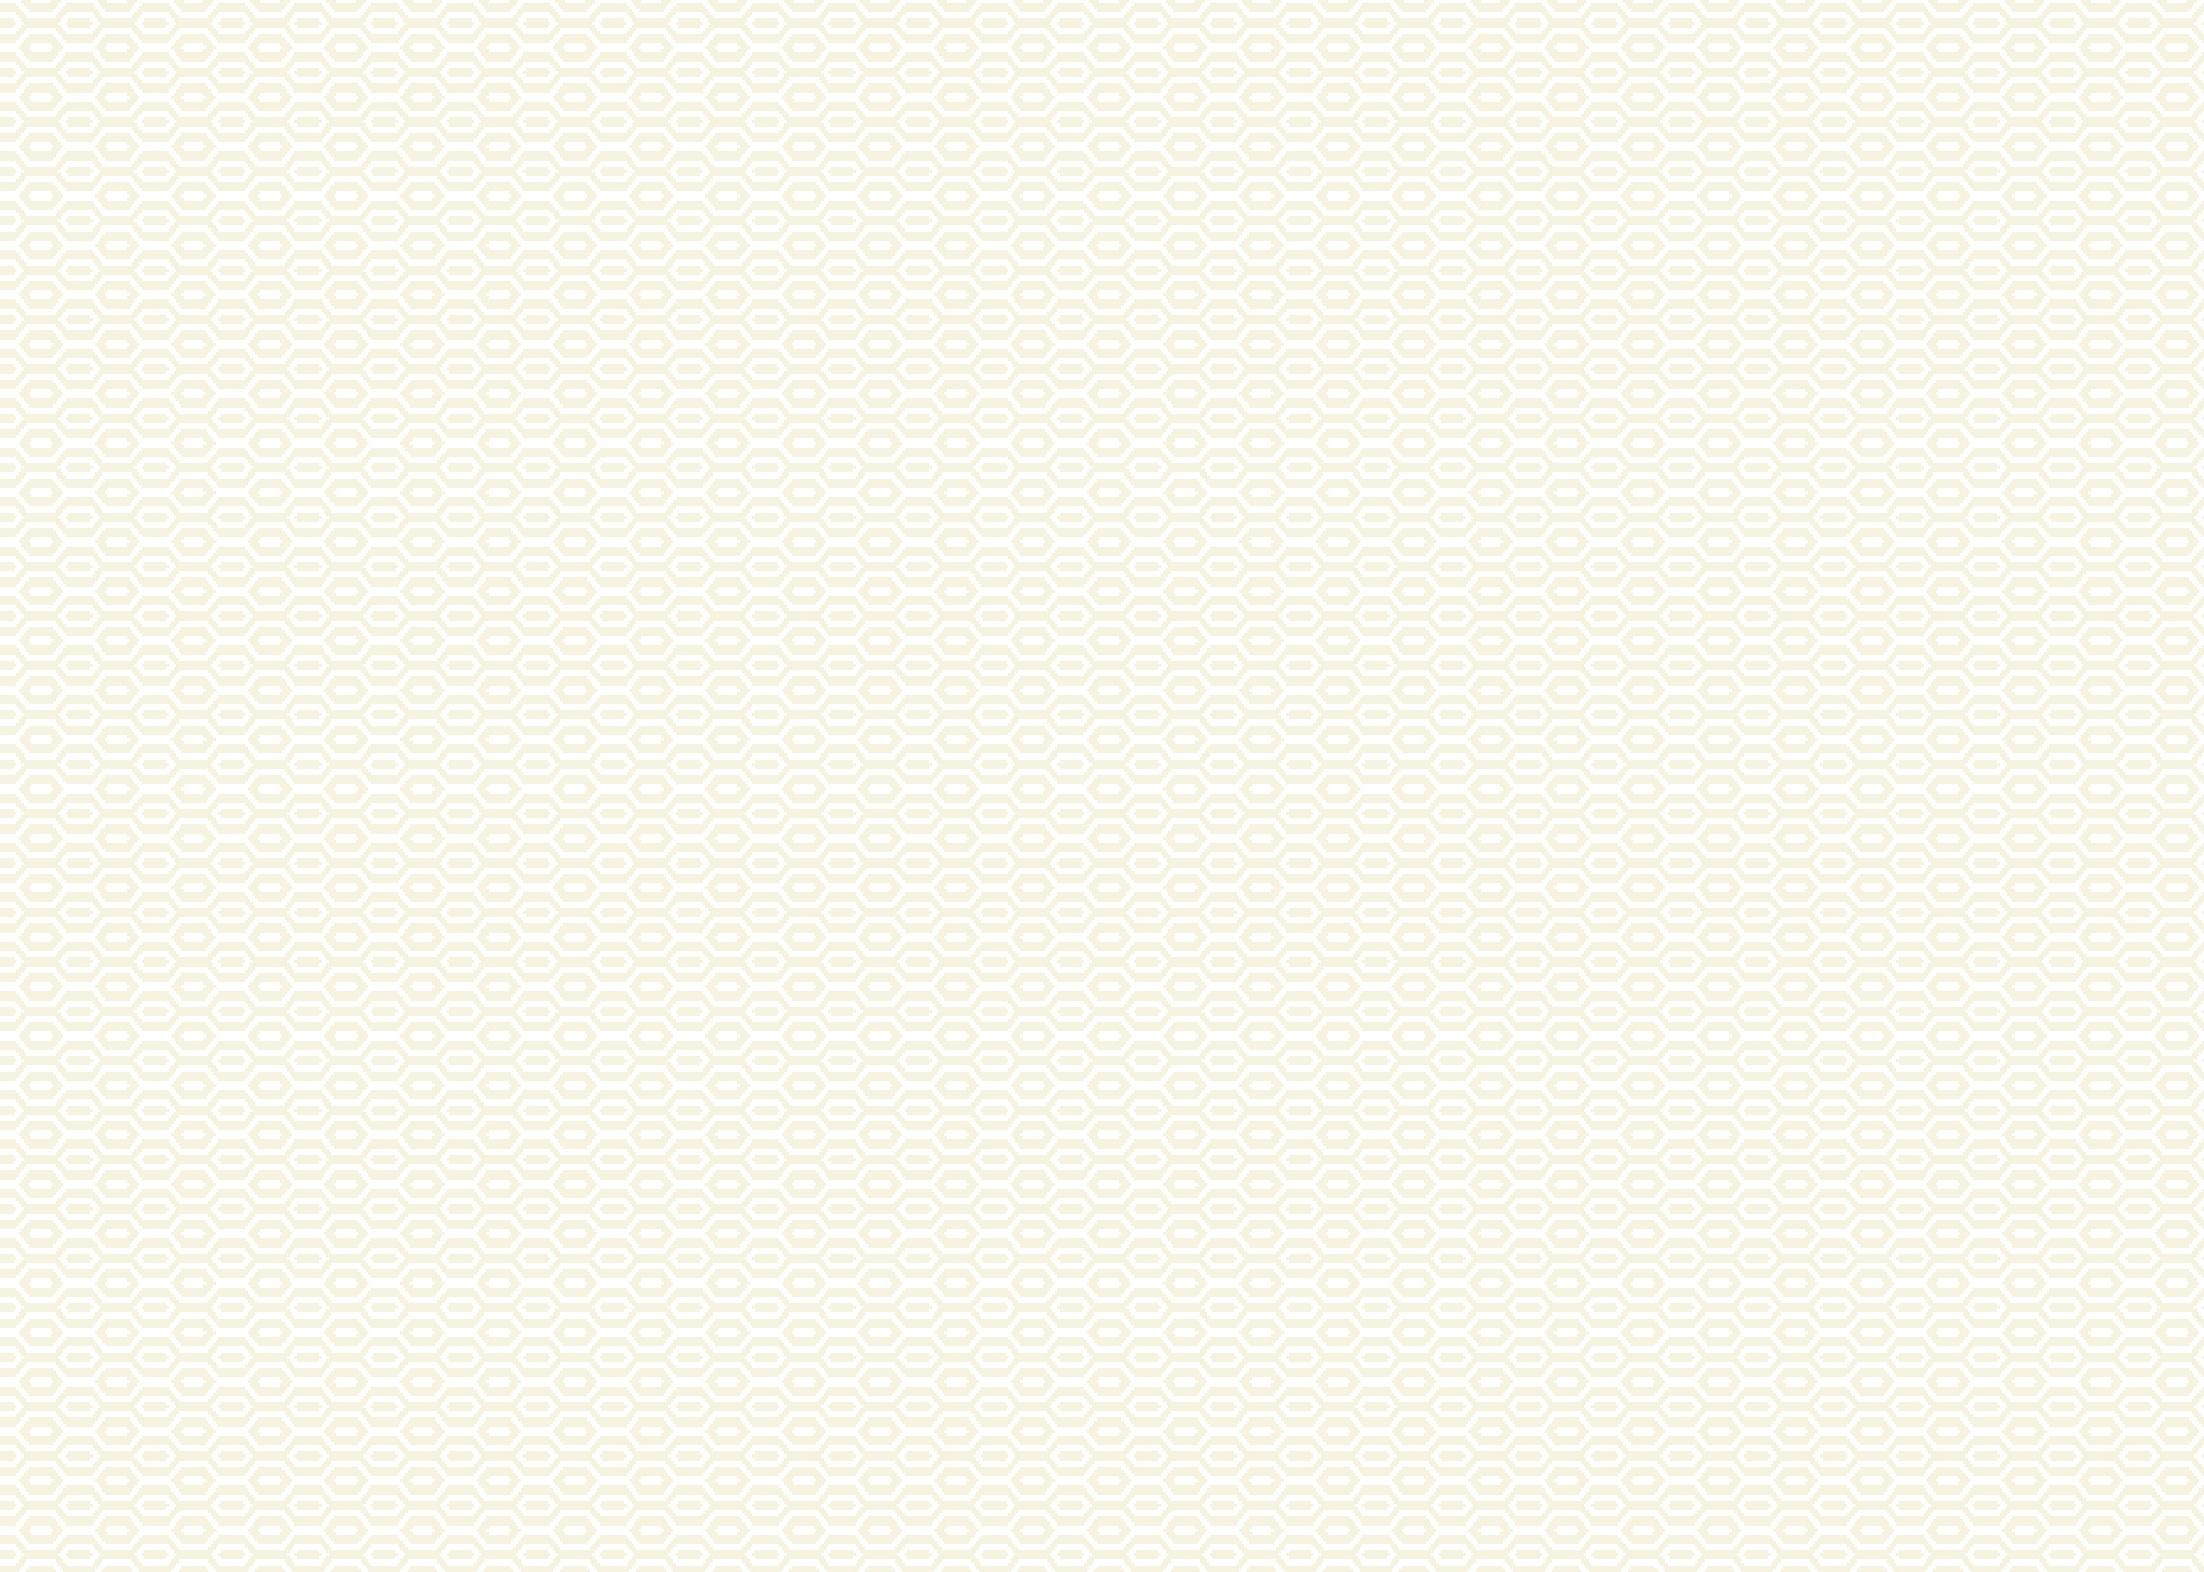 Ковер OpticПрямоугольные ковры<br>Низкий ворс, плотный, мелкий рисунок.&amp;lt;div&amp;gt;Материал: 100% Полипропилен&amp;lt;br&amp;gt;&amp;lt;/div&amp;gt;<br><br>Material: Текстиль<br>Width см: 150<br>Depth см: 80<br>Height см: None